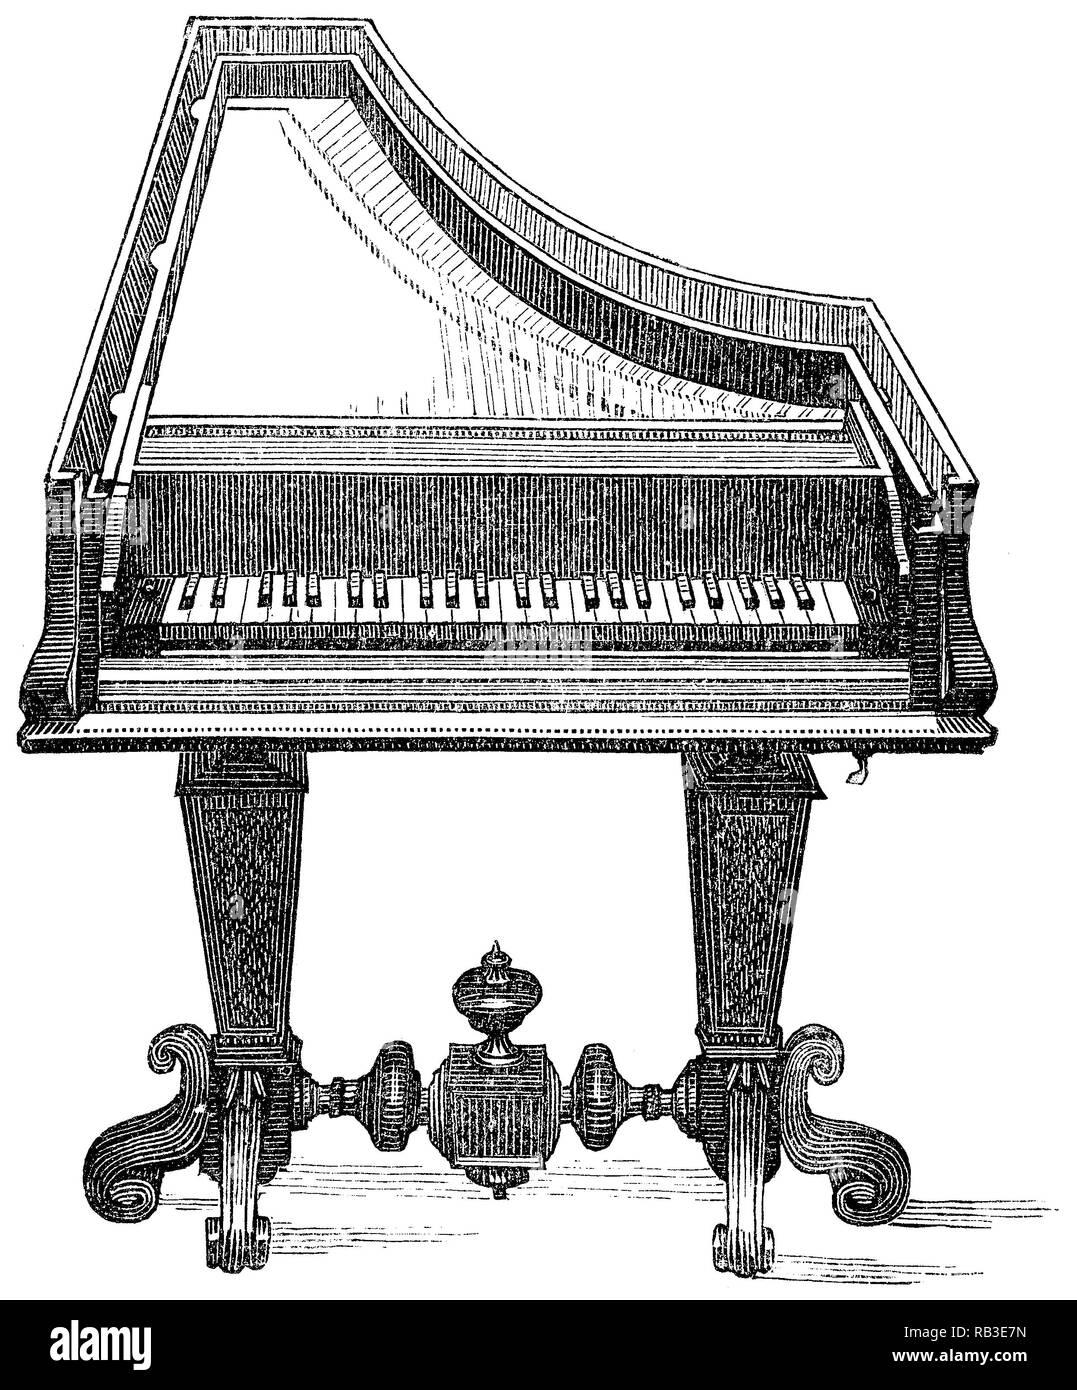 1884 Grabado de una pronta piano por su inventor, Bartolomeo Cristofori di Francesco. Imagen De Stock